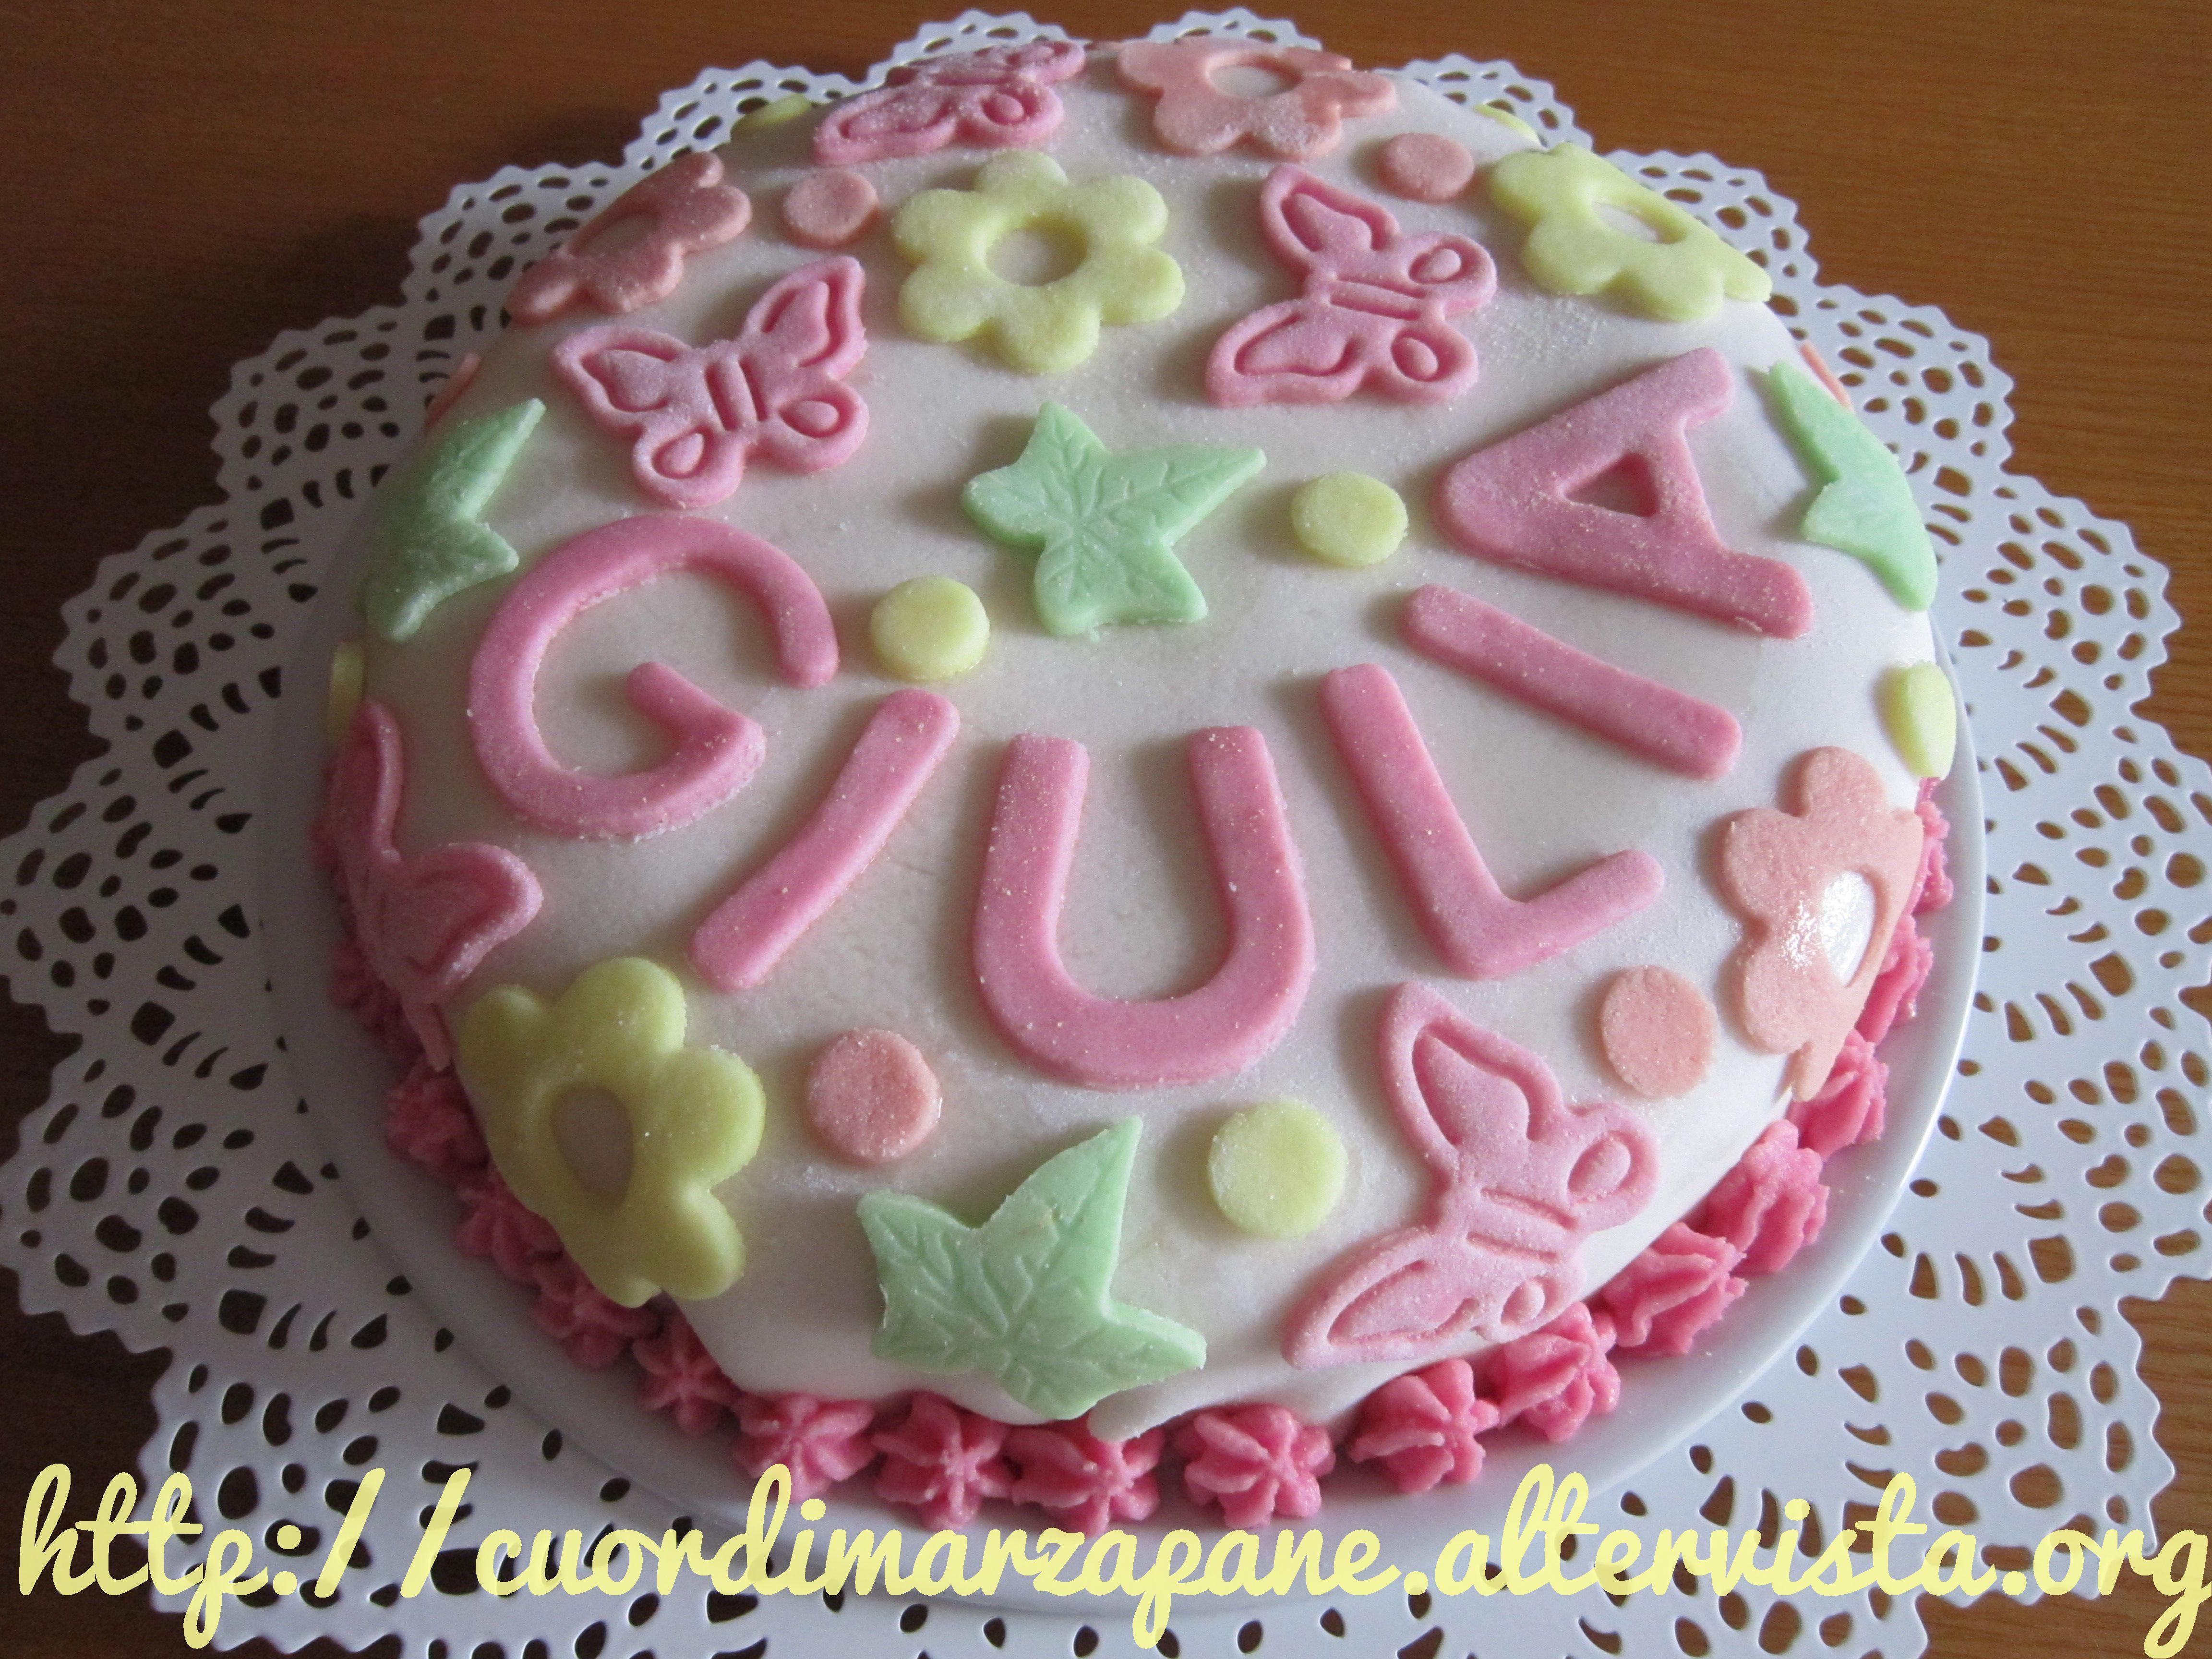 Torta di Giulia | Cuordimarzapane